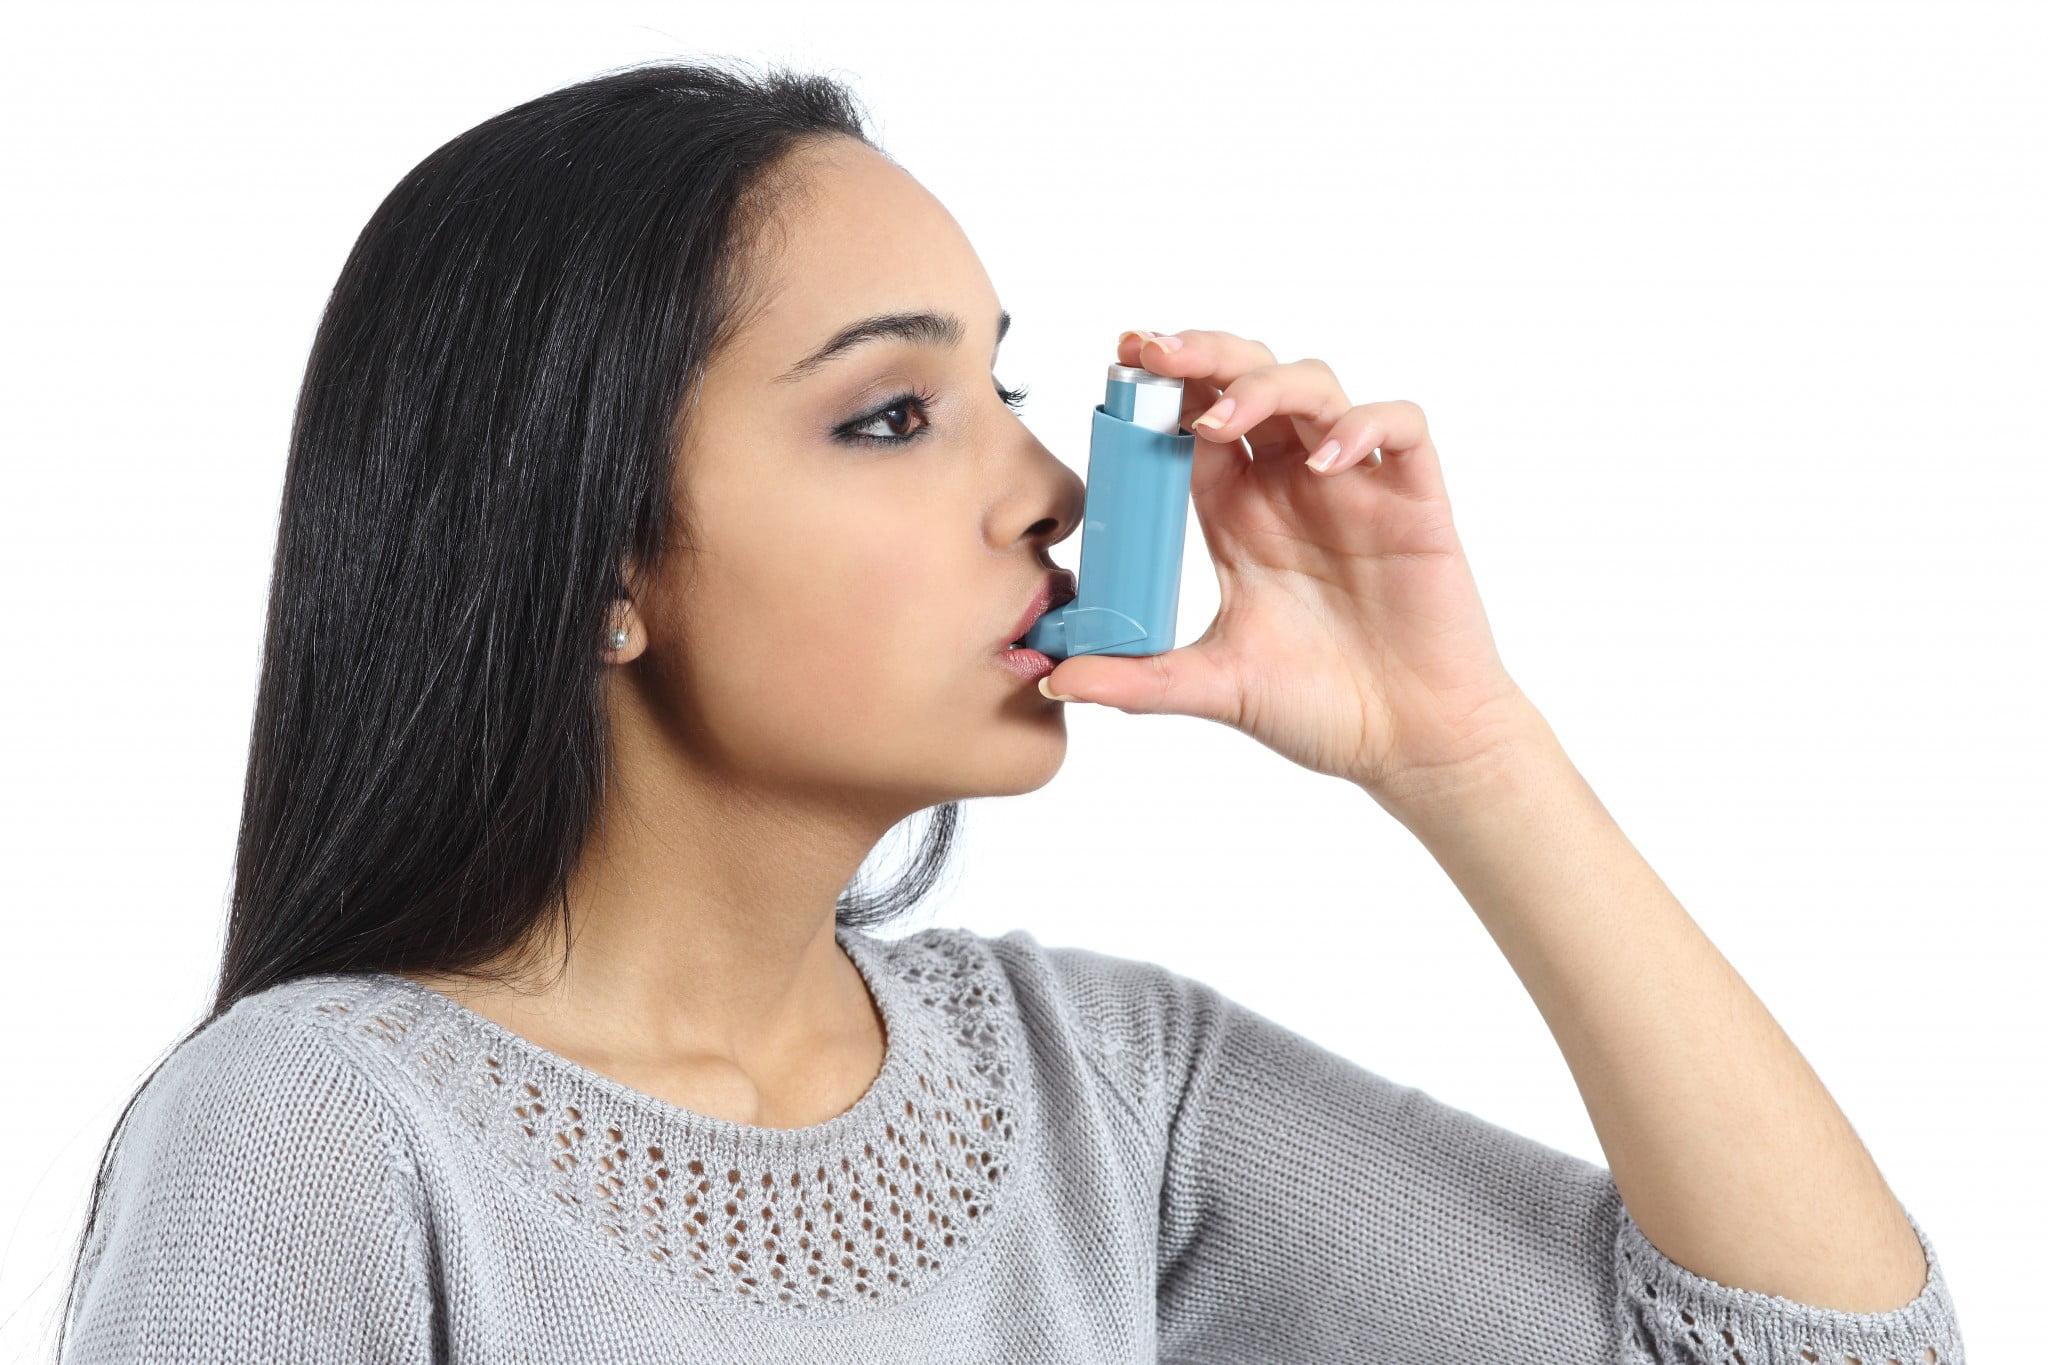 National Asthma Handbook launch: woman uses inhaler